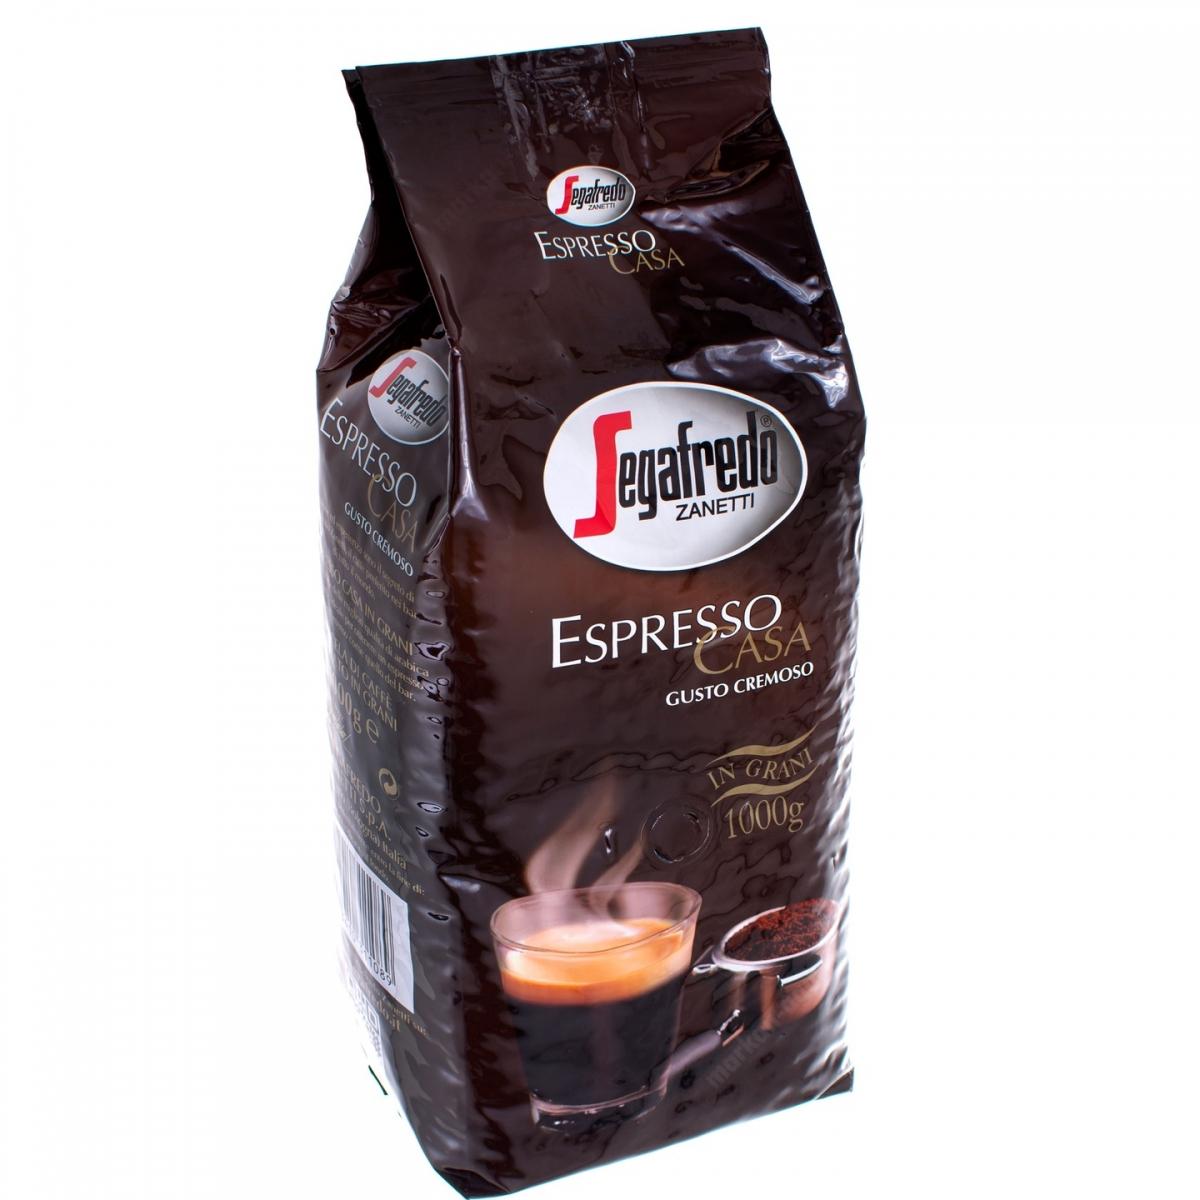 Segafredo Espresso Casa zrnková káva, 1 kg